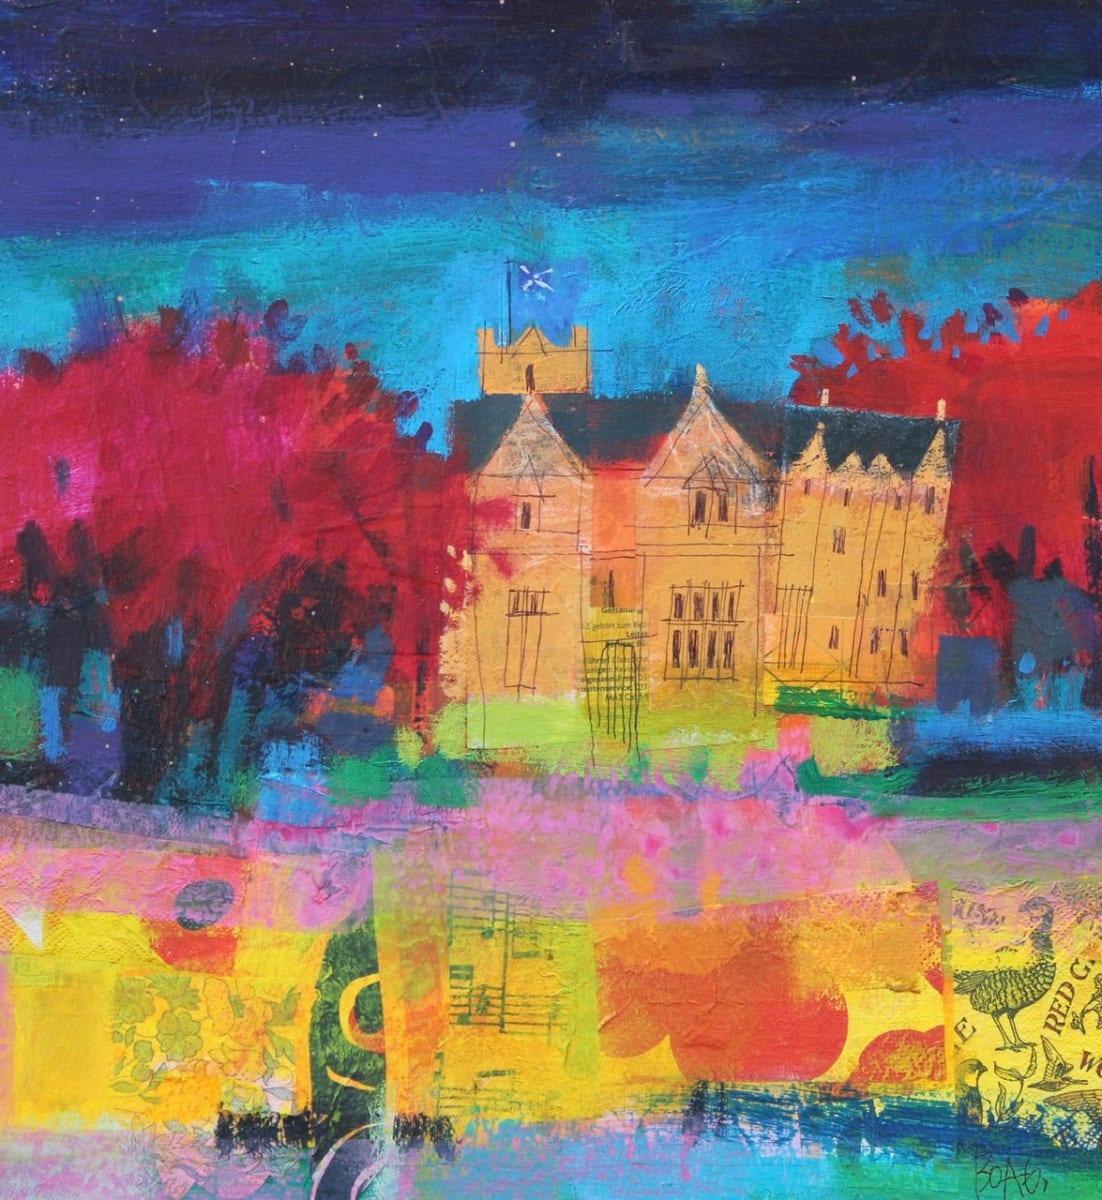 Ury House Autumn by francis boag